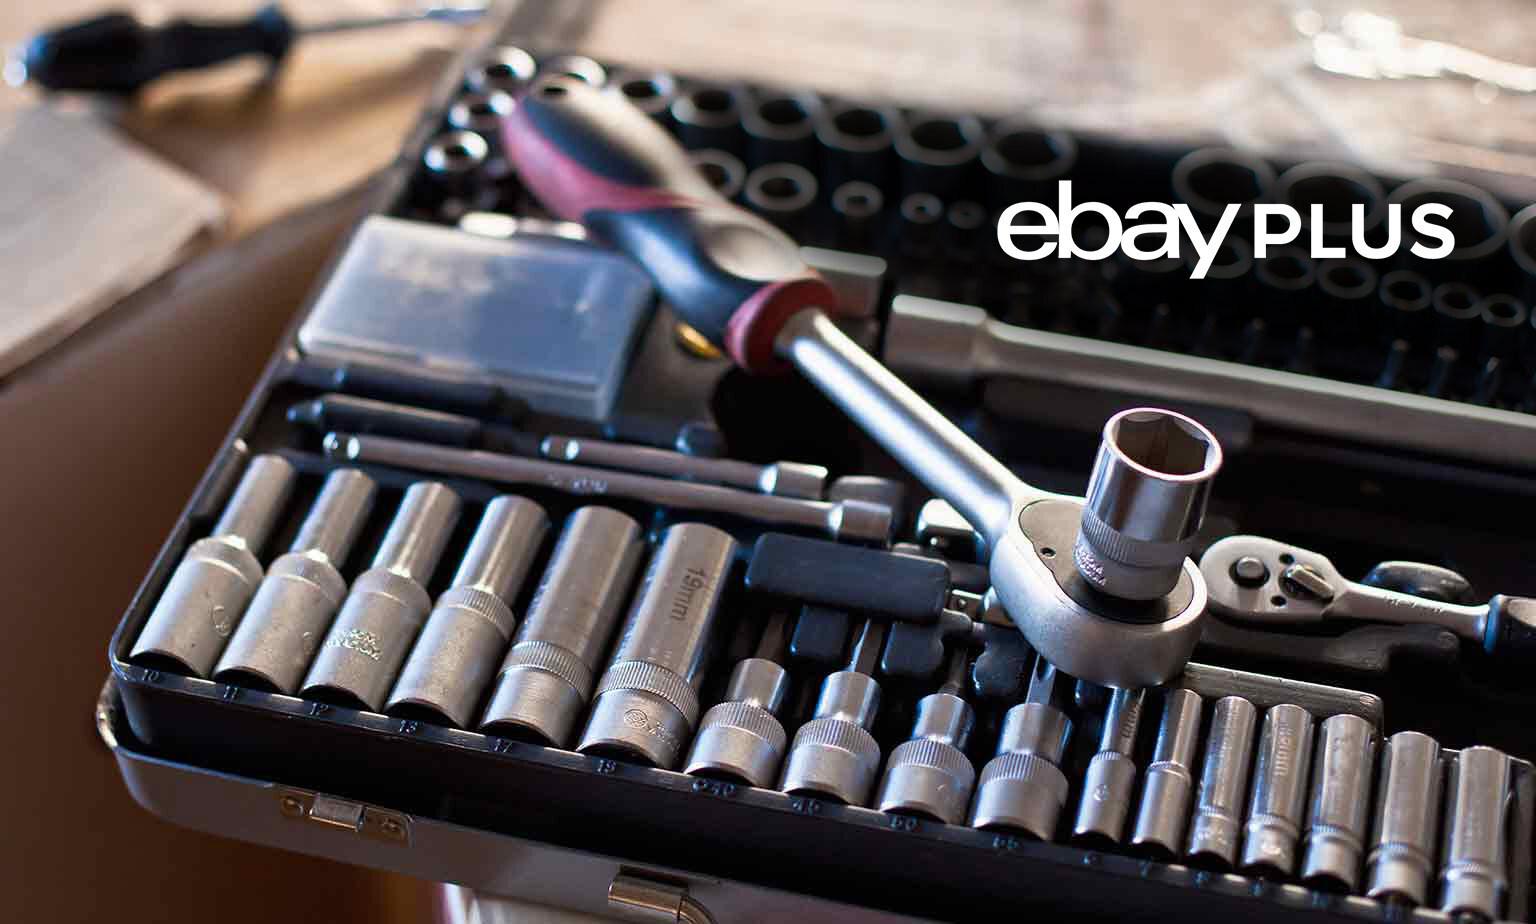 Autoreparatur mit eBay Plus-Vorteilen